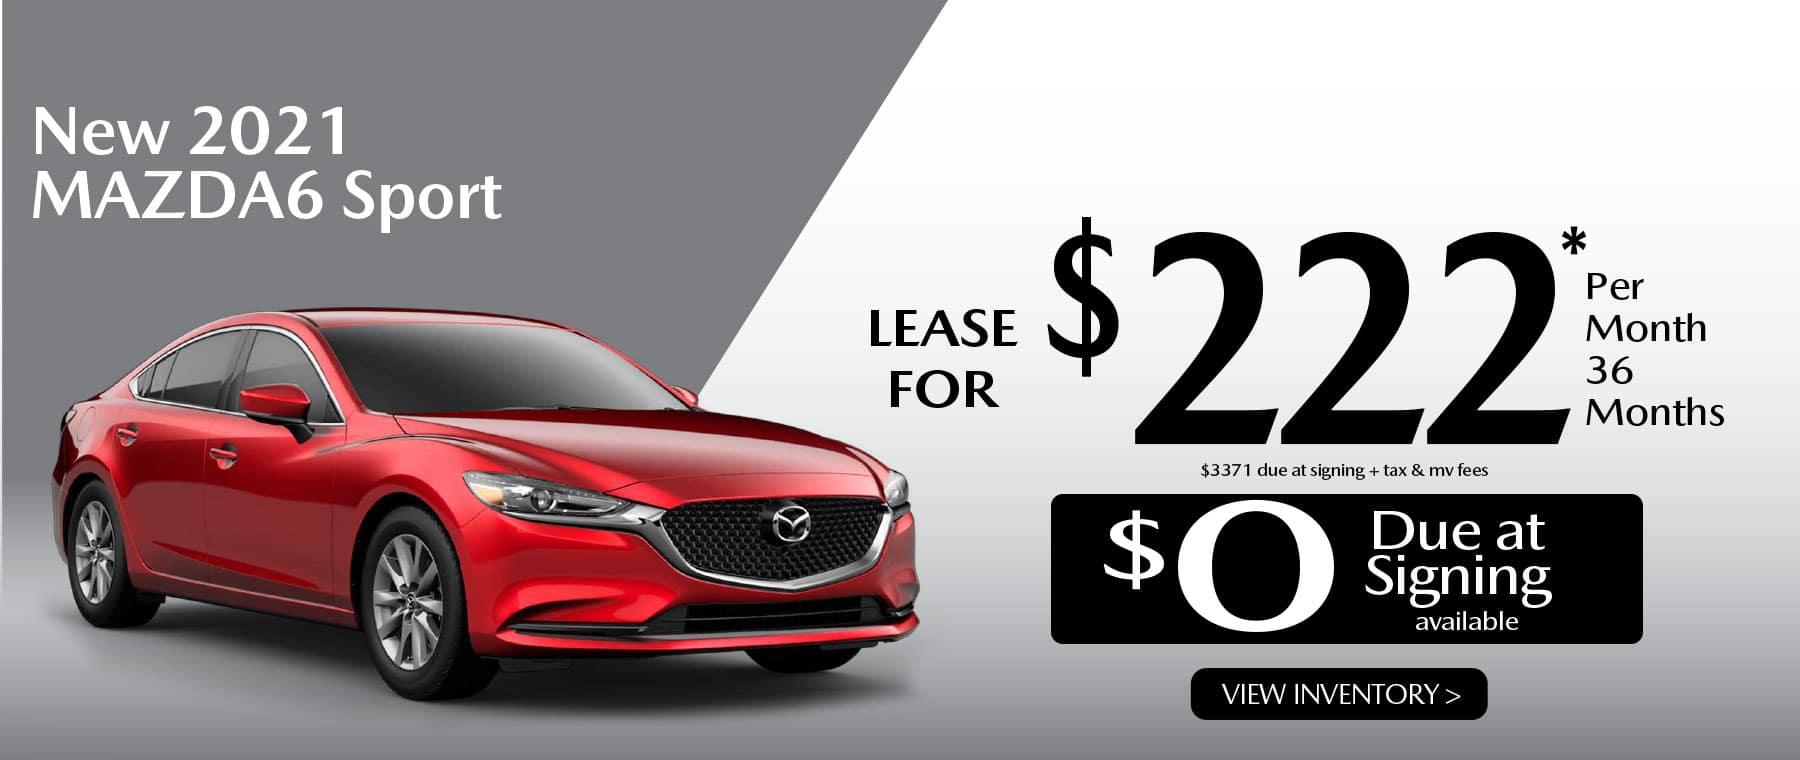 03 MAZDA6 hi New Lease Special Offer Garden City Mazda NY